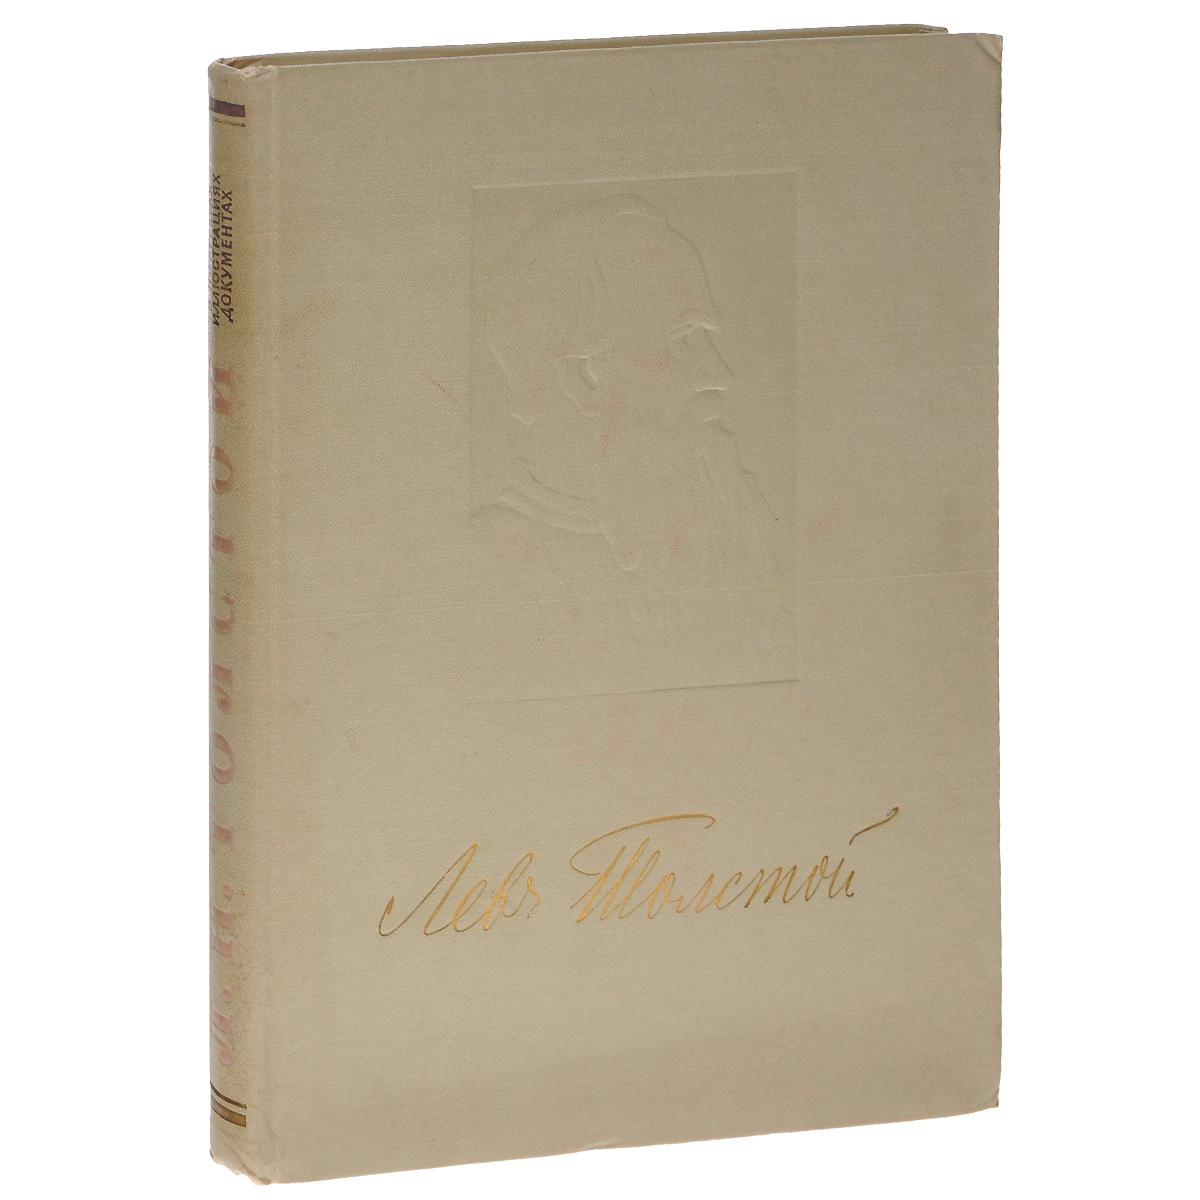 Лев Толстой в портретах, иллюстрациях, документах. Пособие для учителя лев толстой война и мир тома 1 и 2 в сокращении